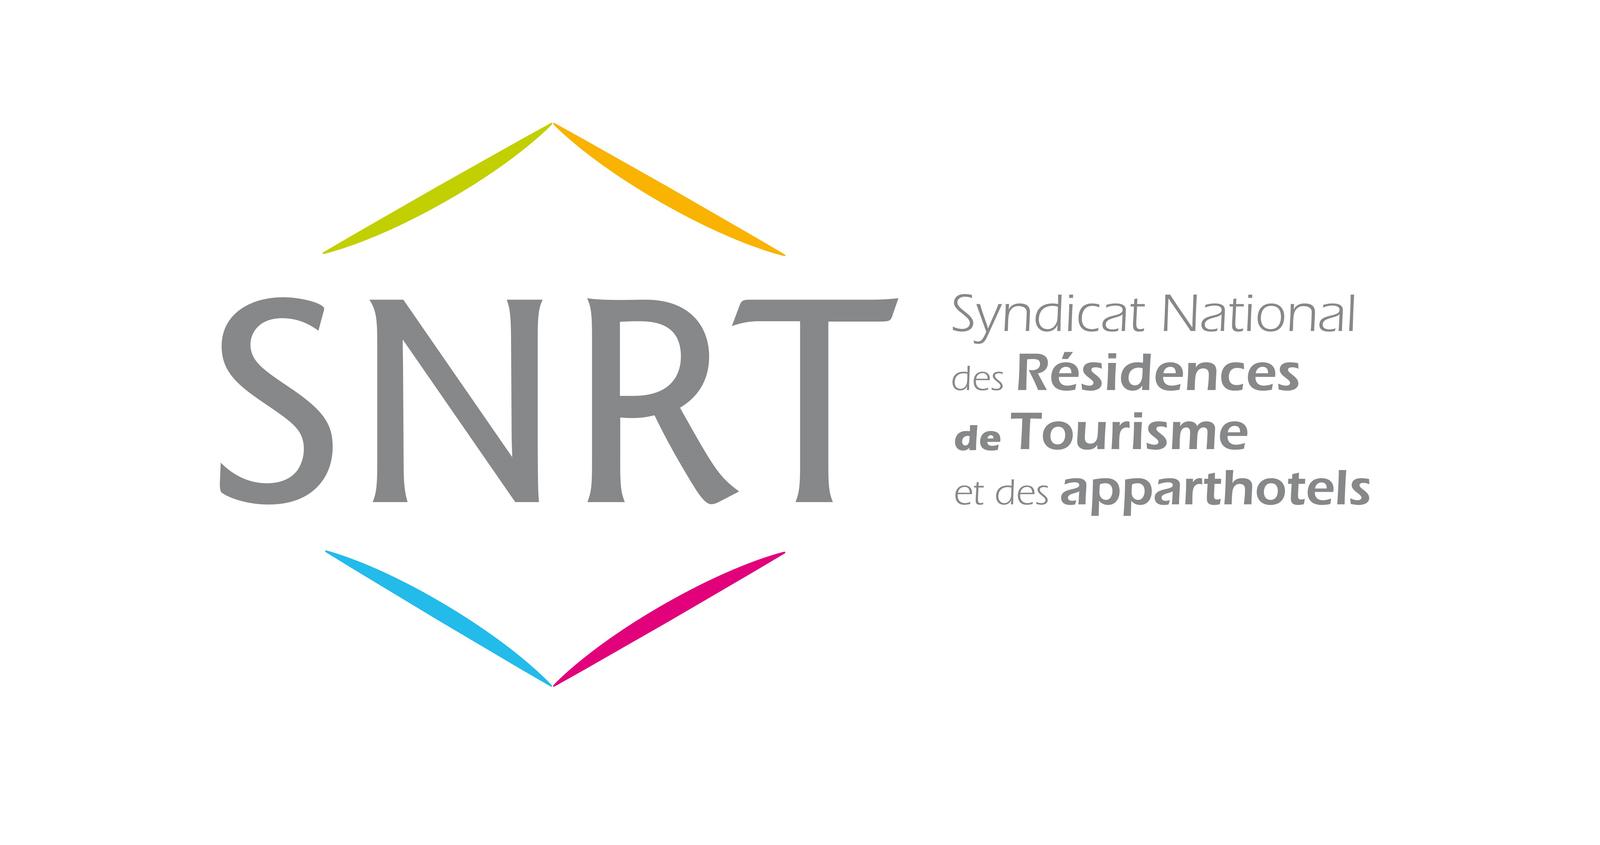 SNRT Société Nationale des Résidences de Tourisme